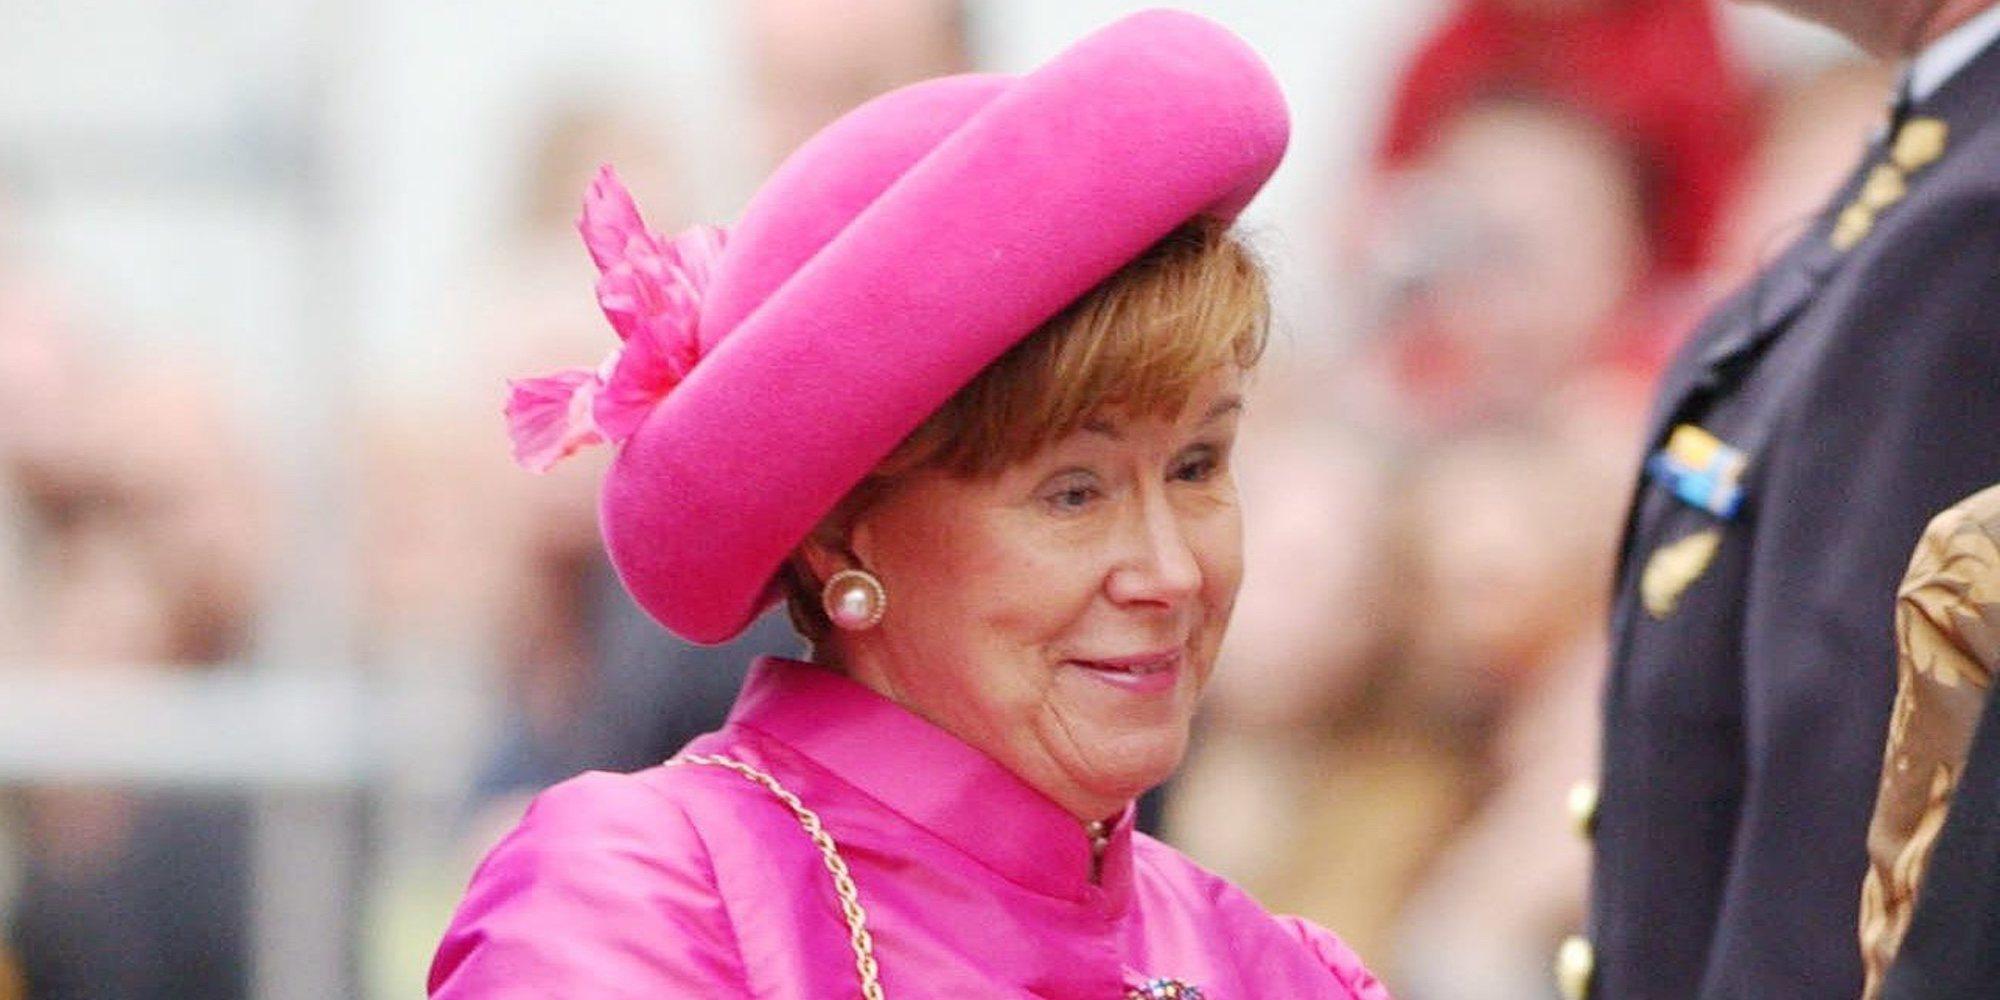 Muere la Princesa Cristina de Holanda a los 72 años tras muchos meses luchando contra el cáncer de huesos